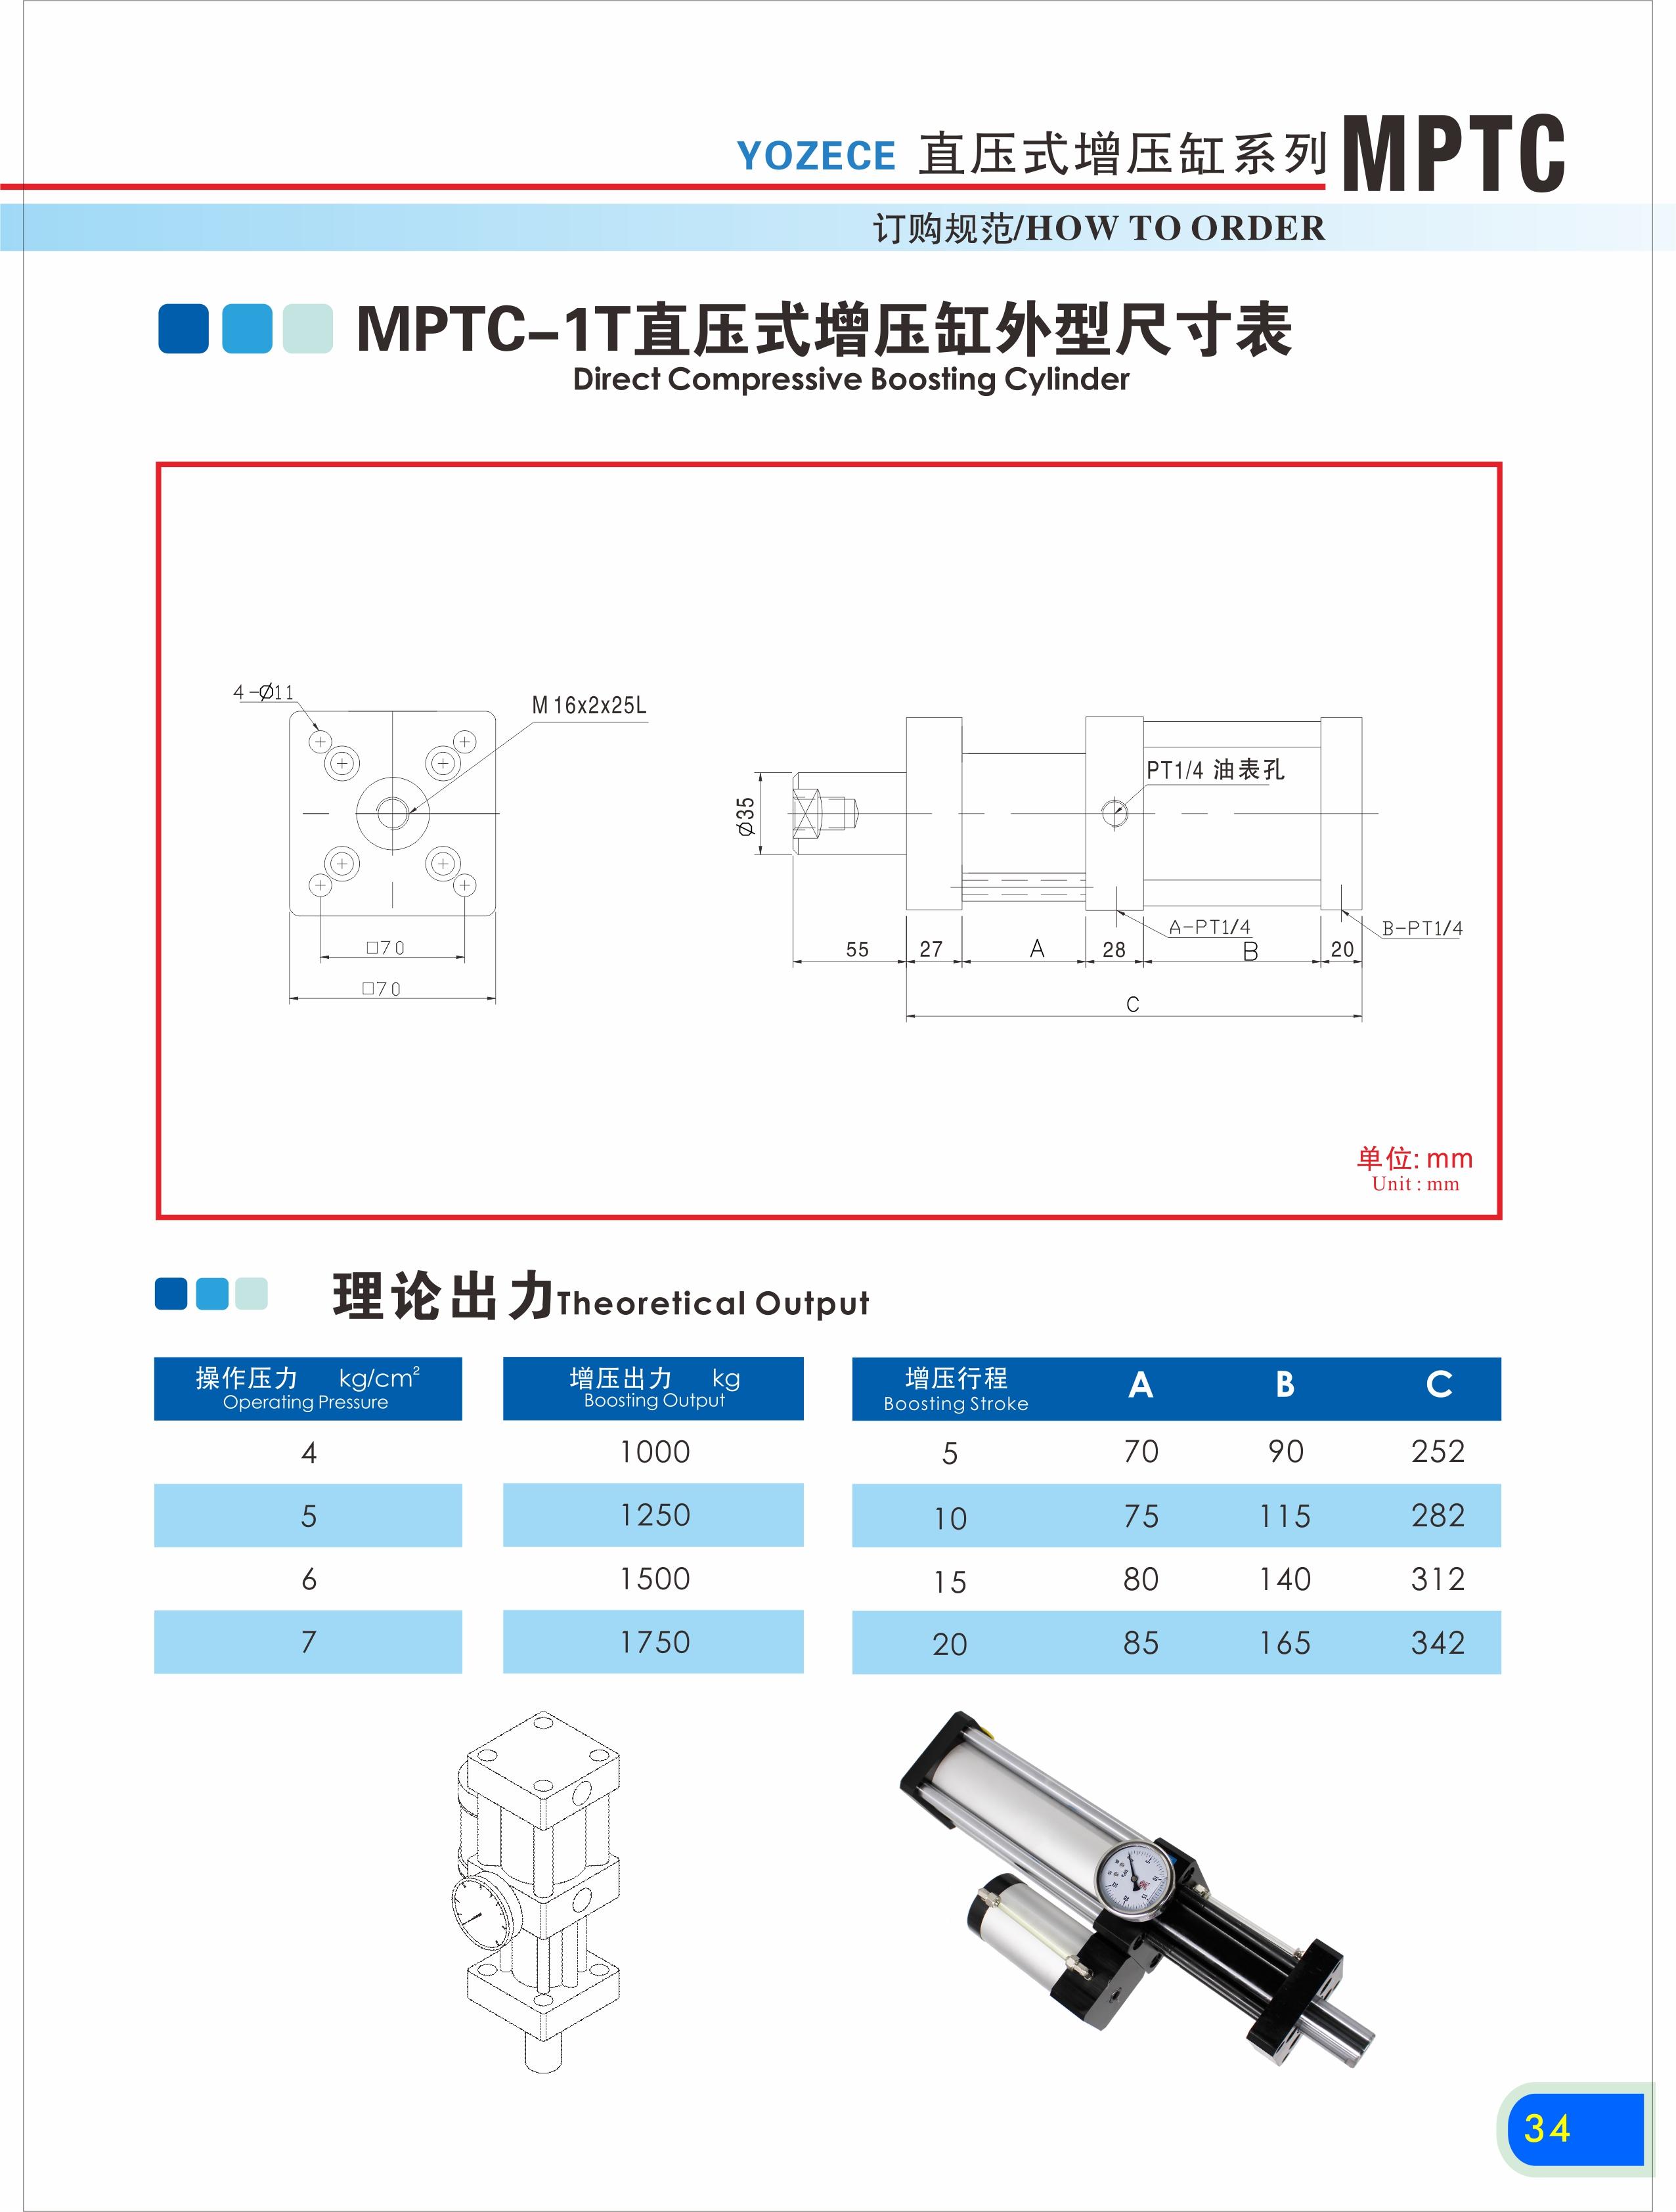 Direct Compressive Boosting Cylinder How Toorder